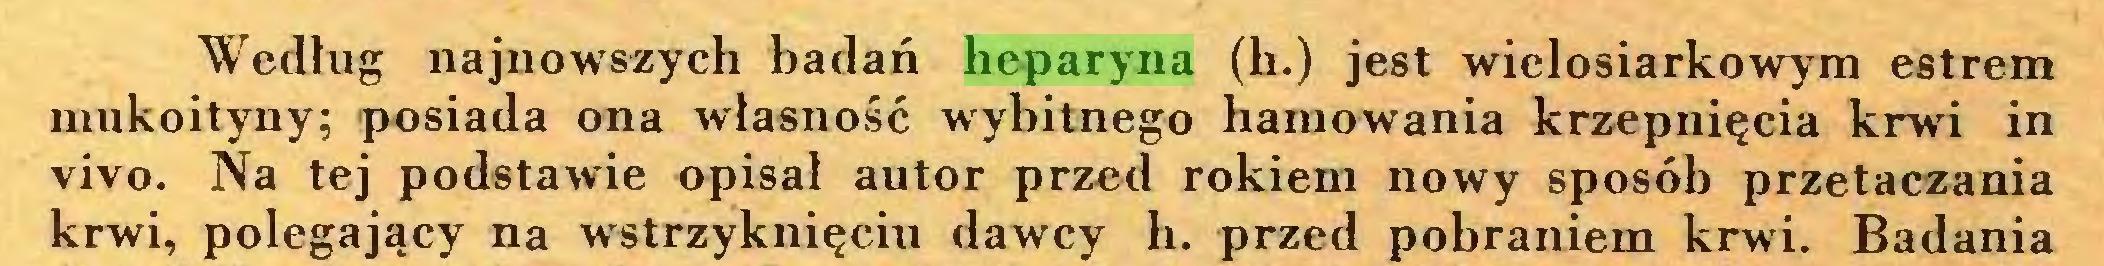 (...) Według najnowszych badań heparyna (h.) jest wielosiarkowym estrem mukoityny; posiada ona własność wybitnego hamowania krzepnięcia krwi in vivo. Na tej podstawie opisał autor przed rokiem nowy sposób przetaczania krwi, polegający na wstrzyknięciu dawcy h. przed pobraniem krwi. Badania...